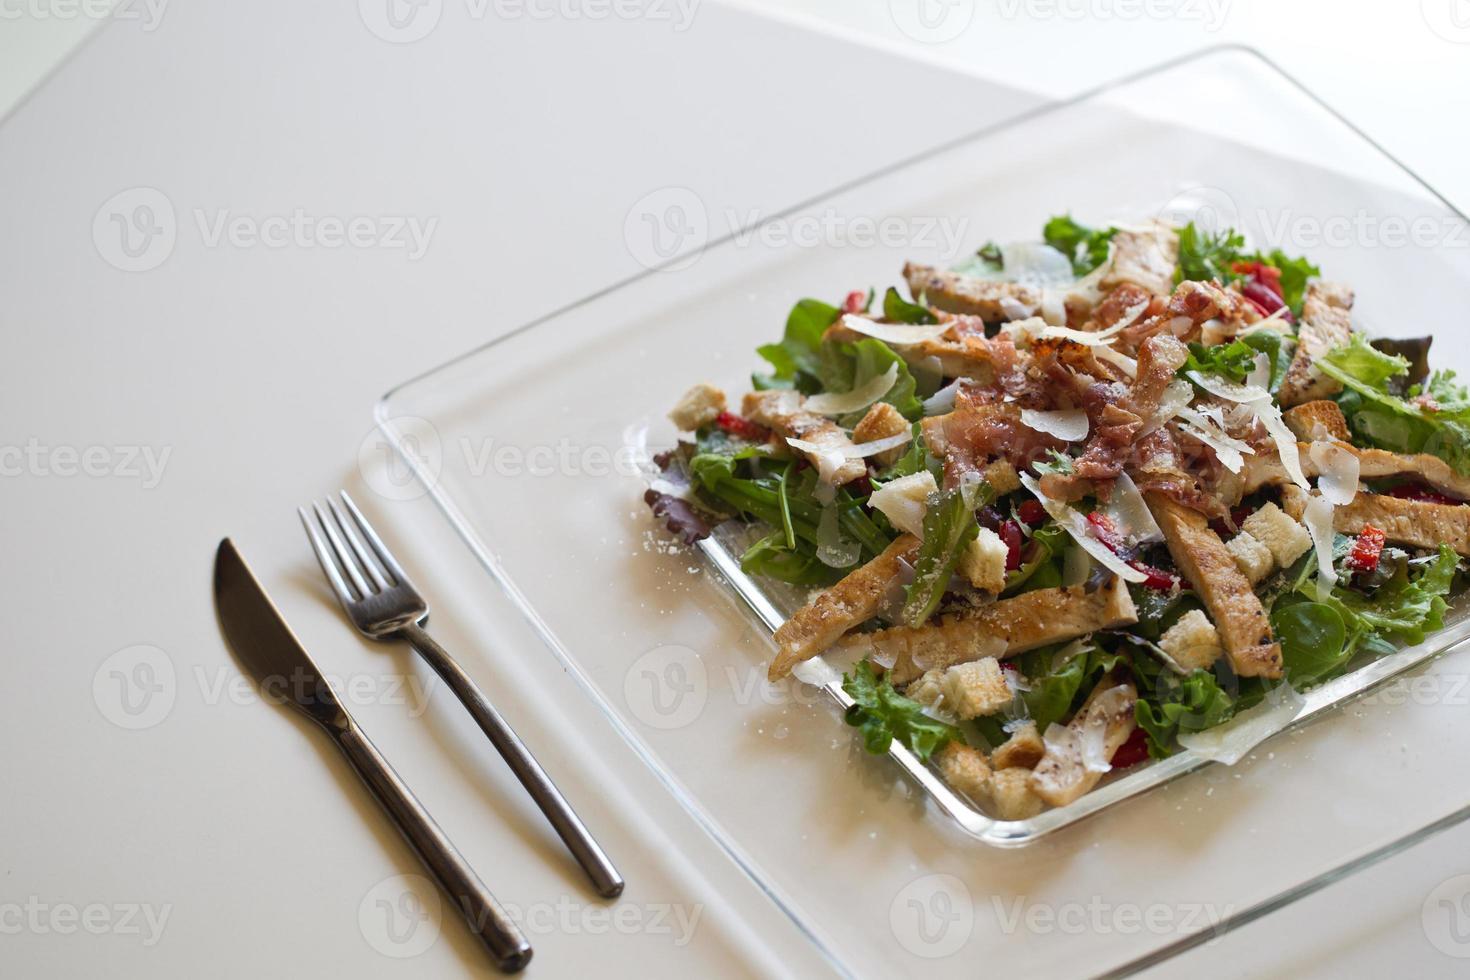 Delicious chicken salad photo